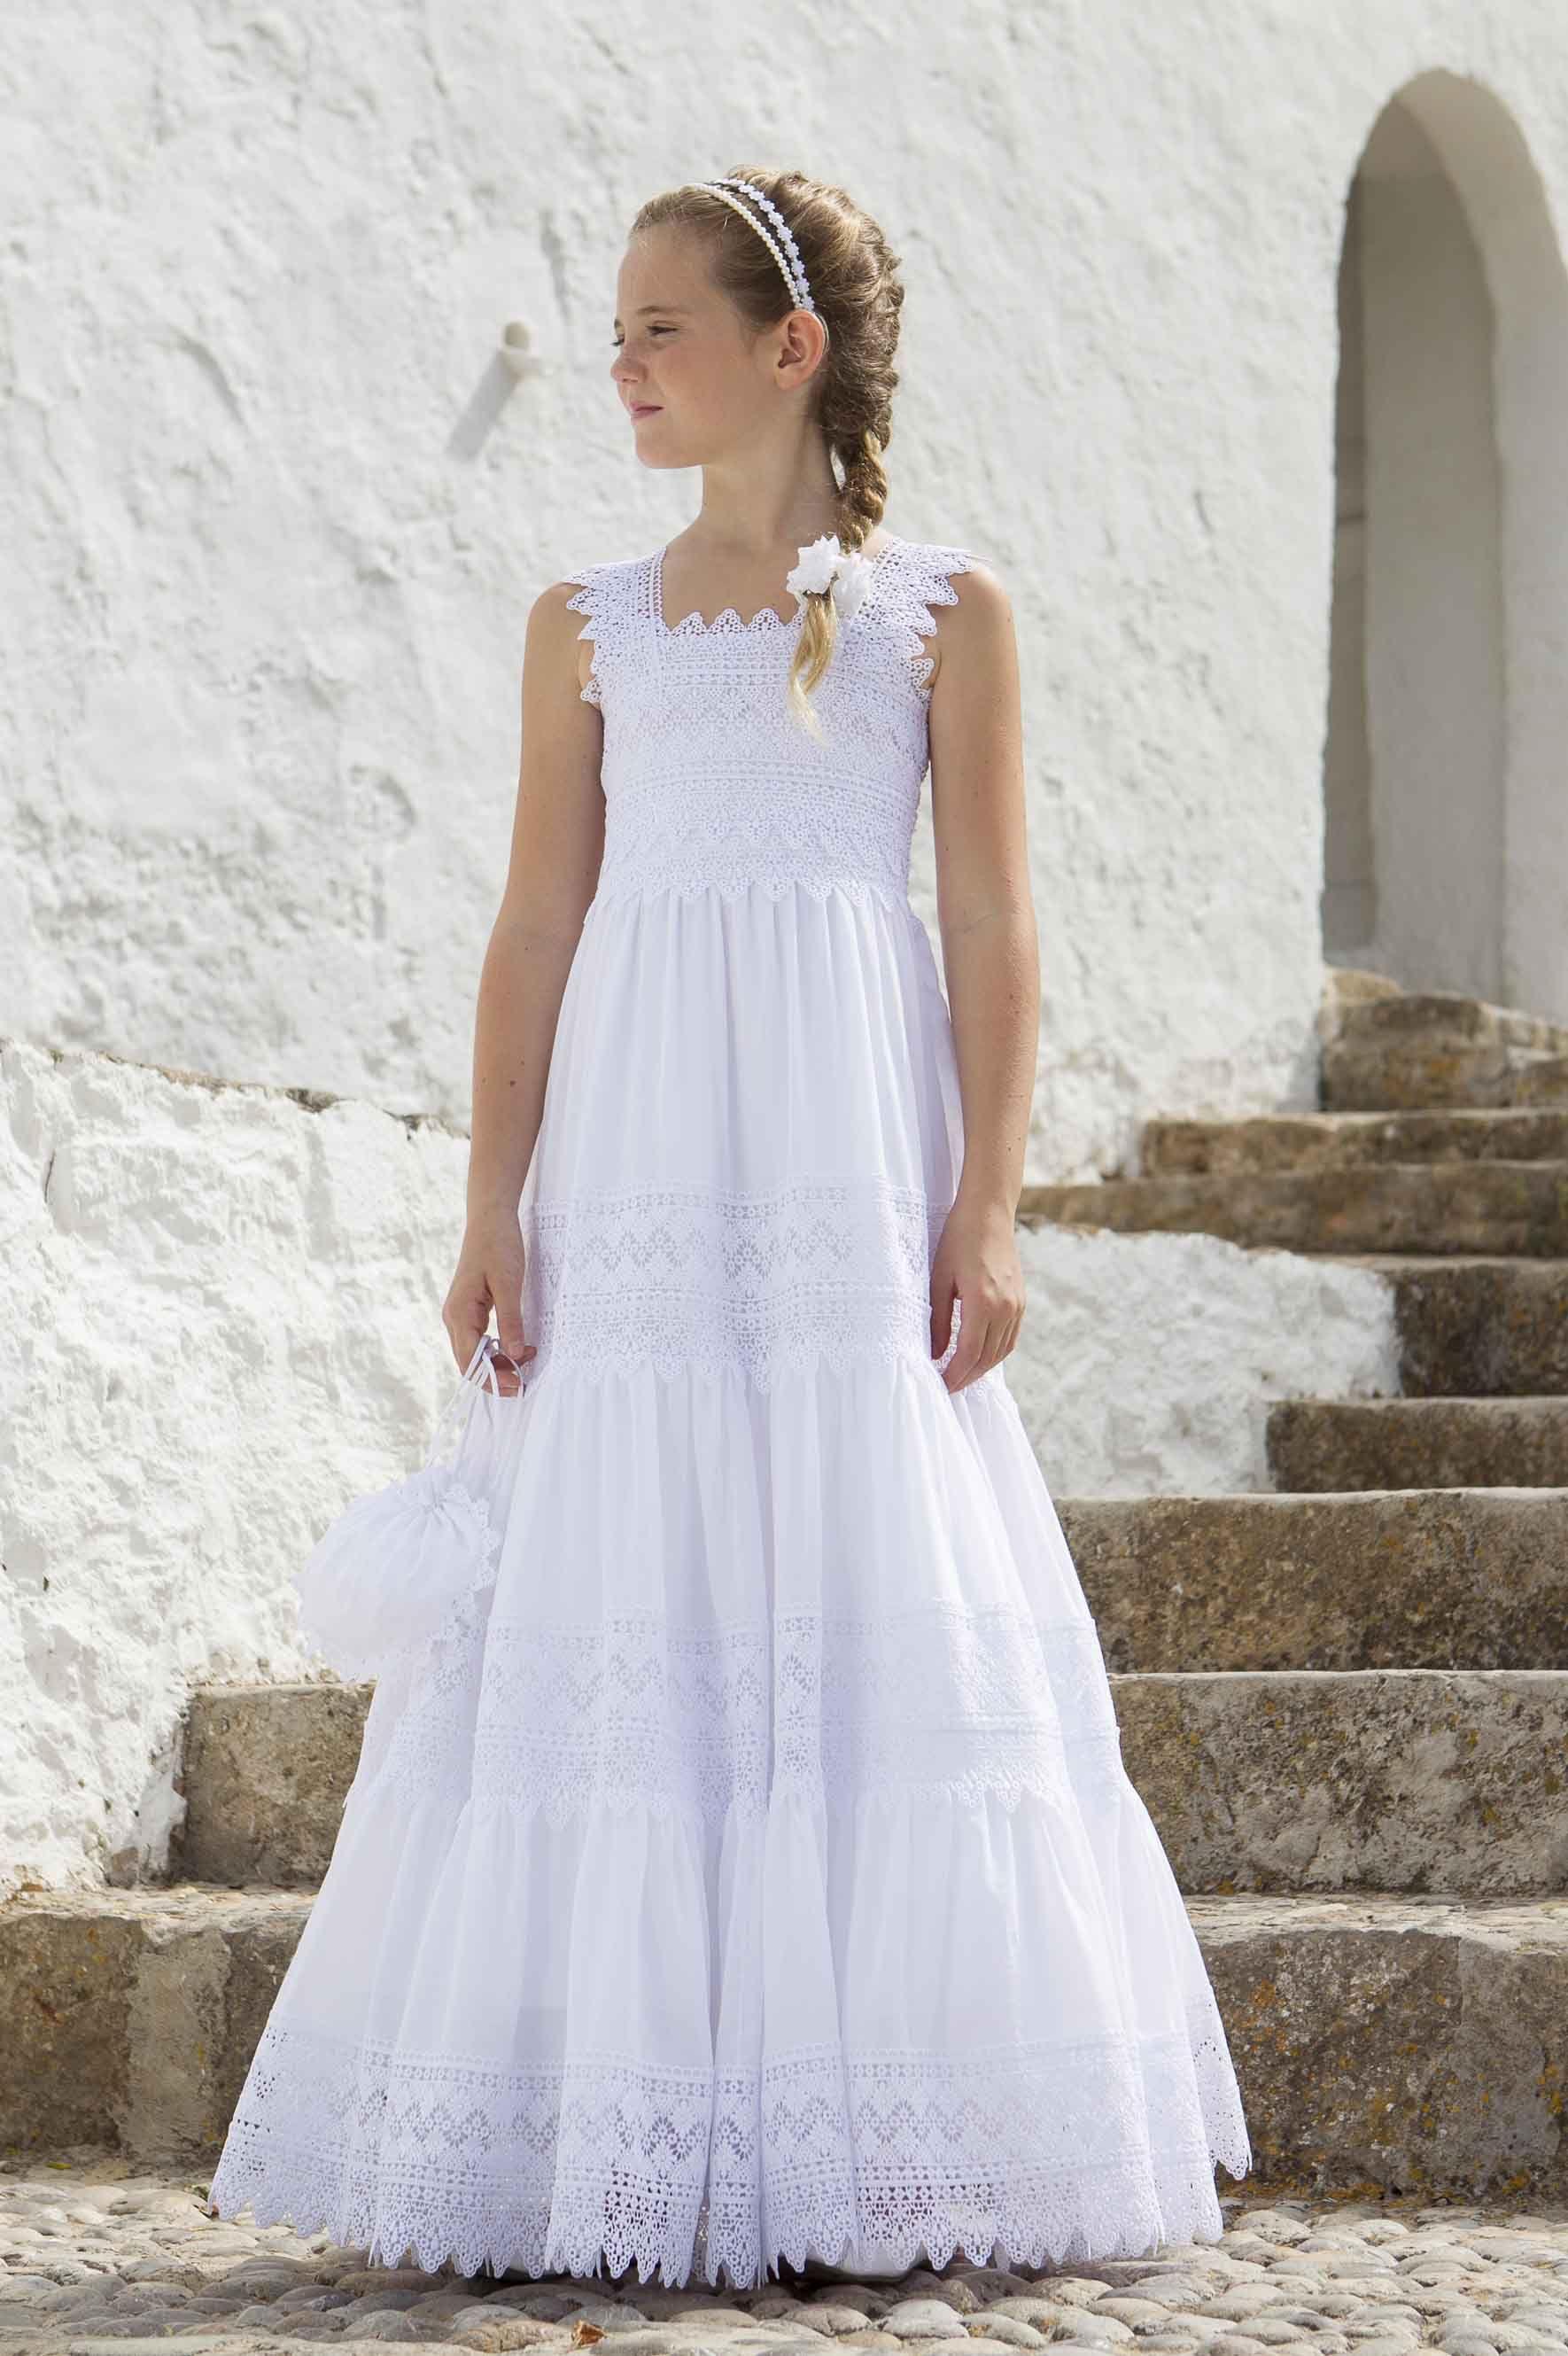 Vestido Ruiz Adlib Charo De Ibiza Novia Vestidos Moda Ibiza Bohemios Dulcinea Y OrOqUExwTn